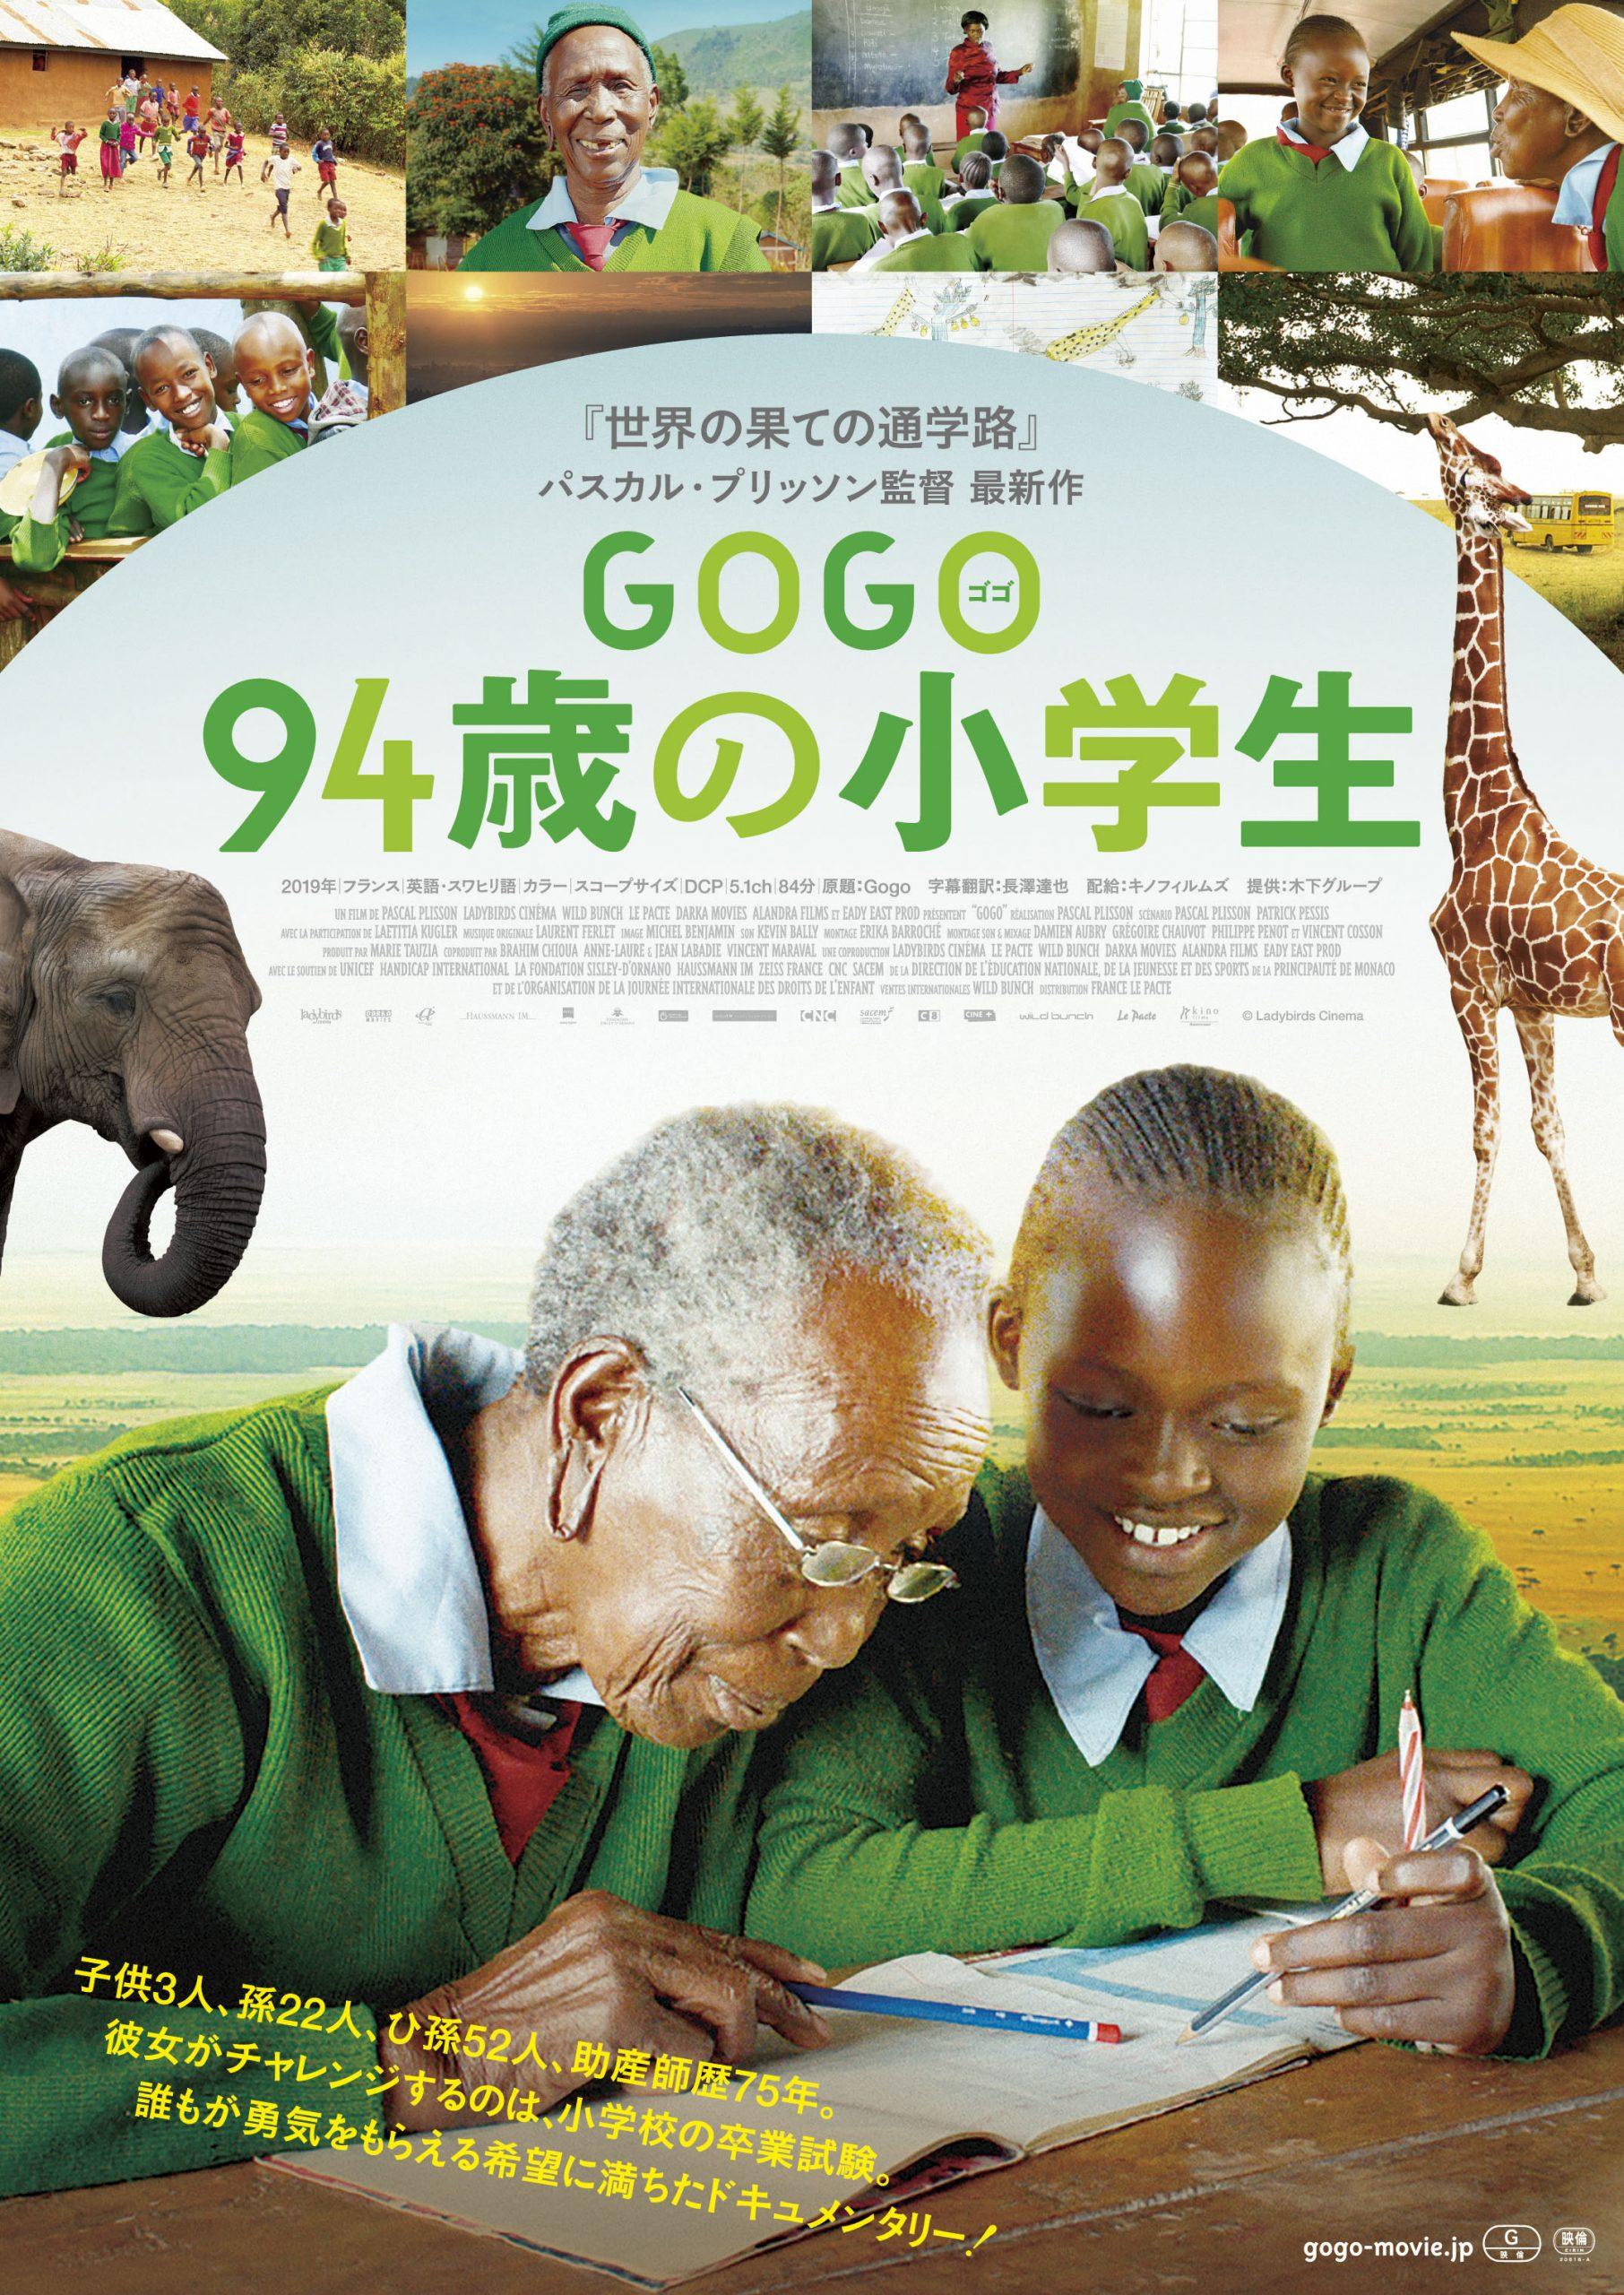 GOGO 94 歳の小学生